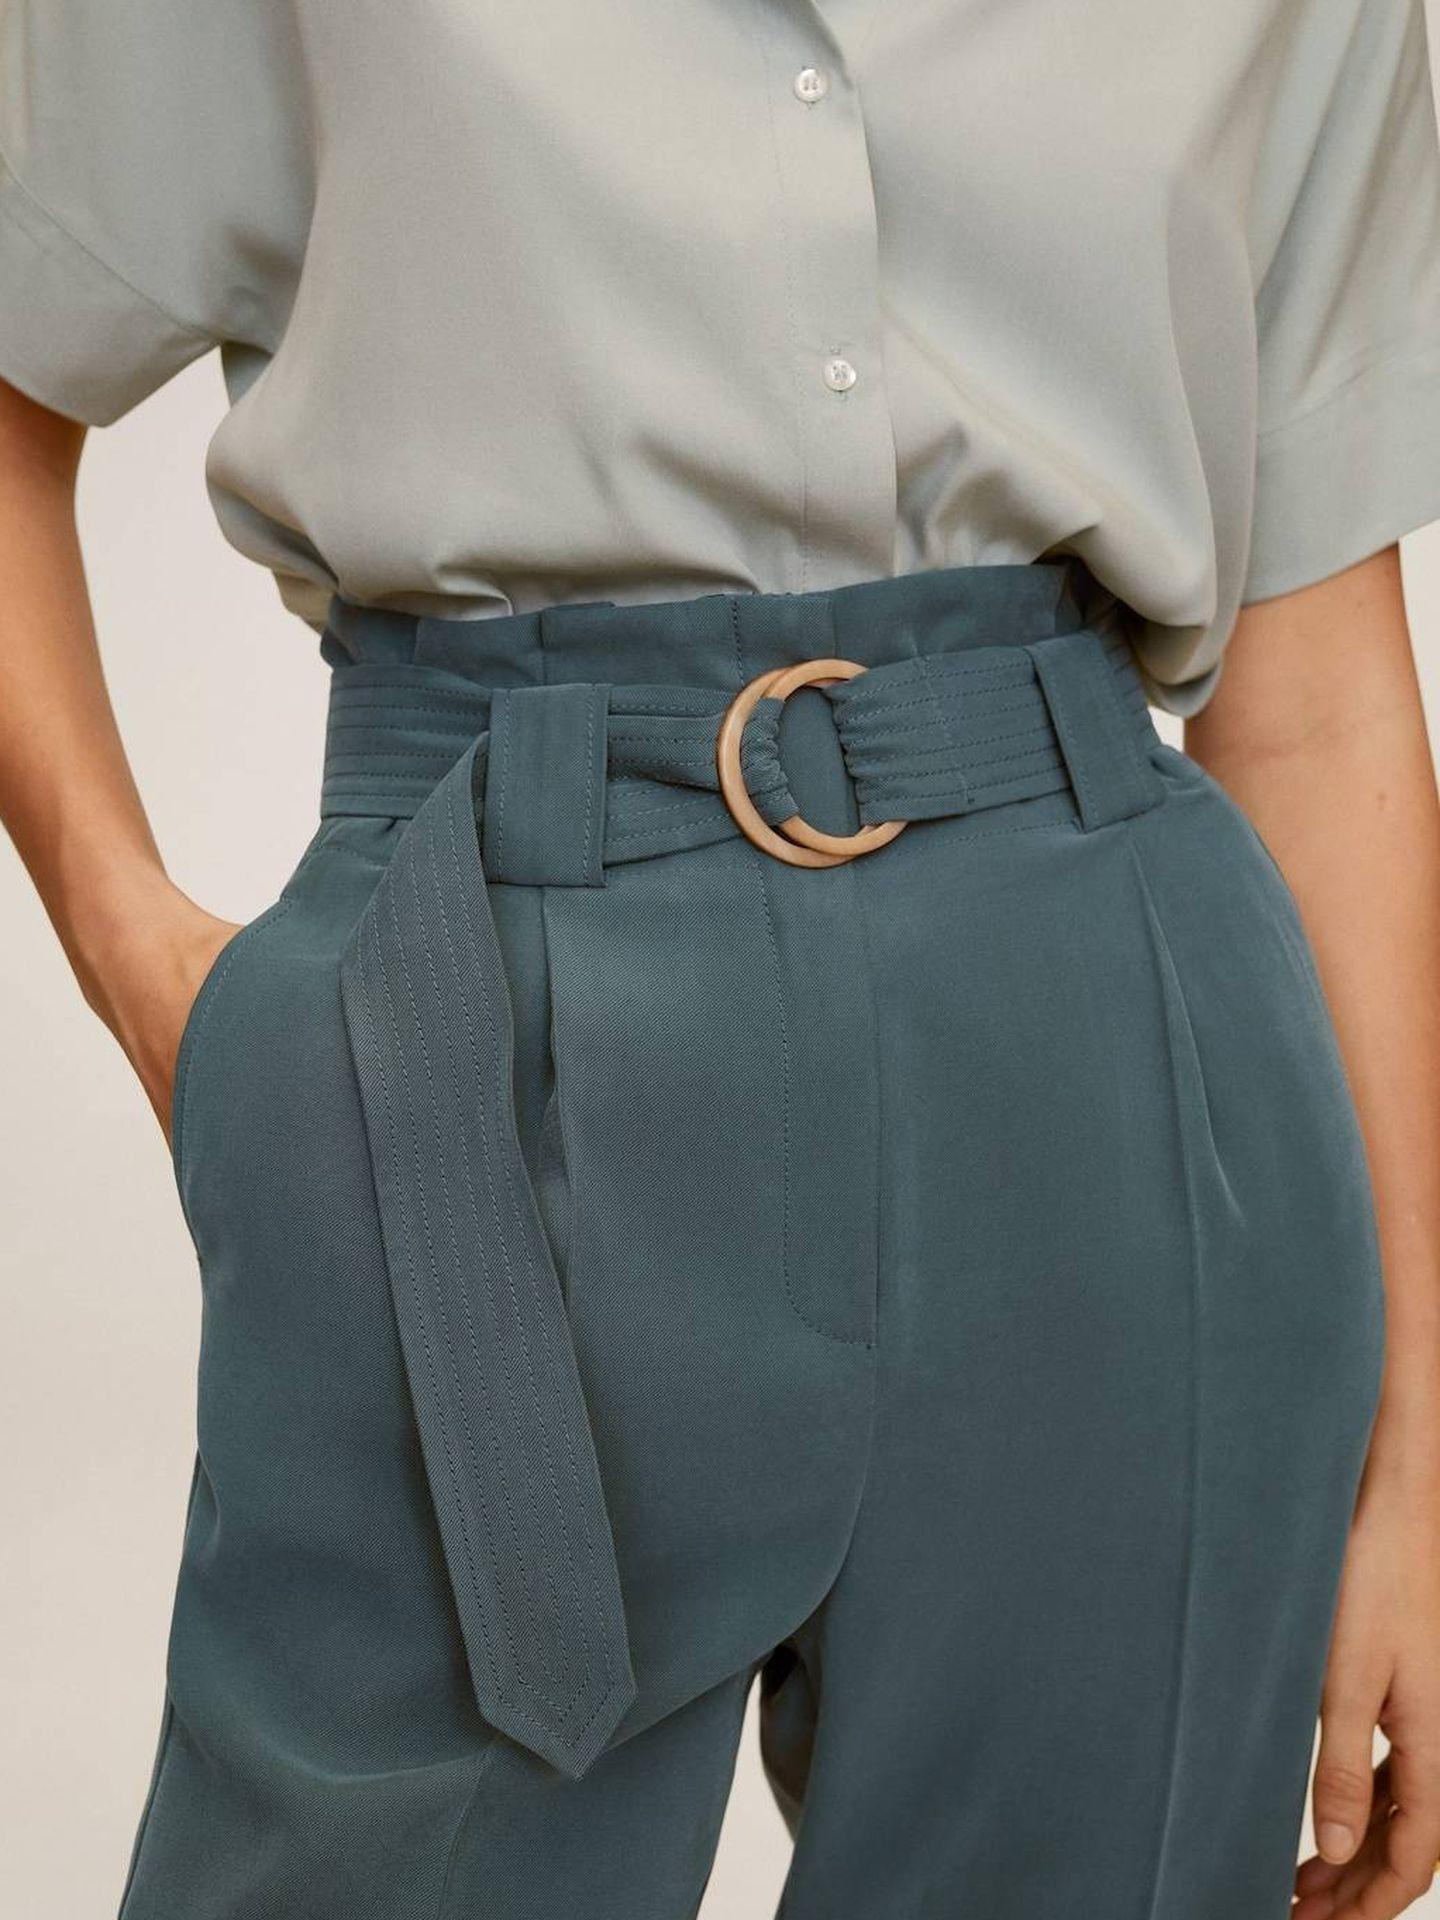 El pantalón de Mango Outlet. (Cortesía)